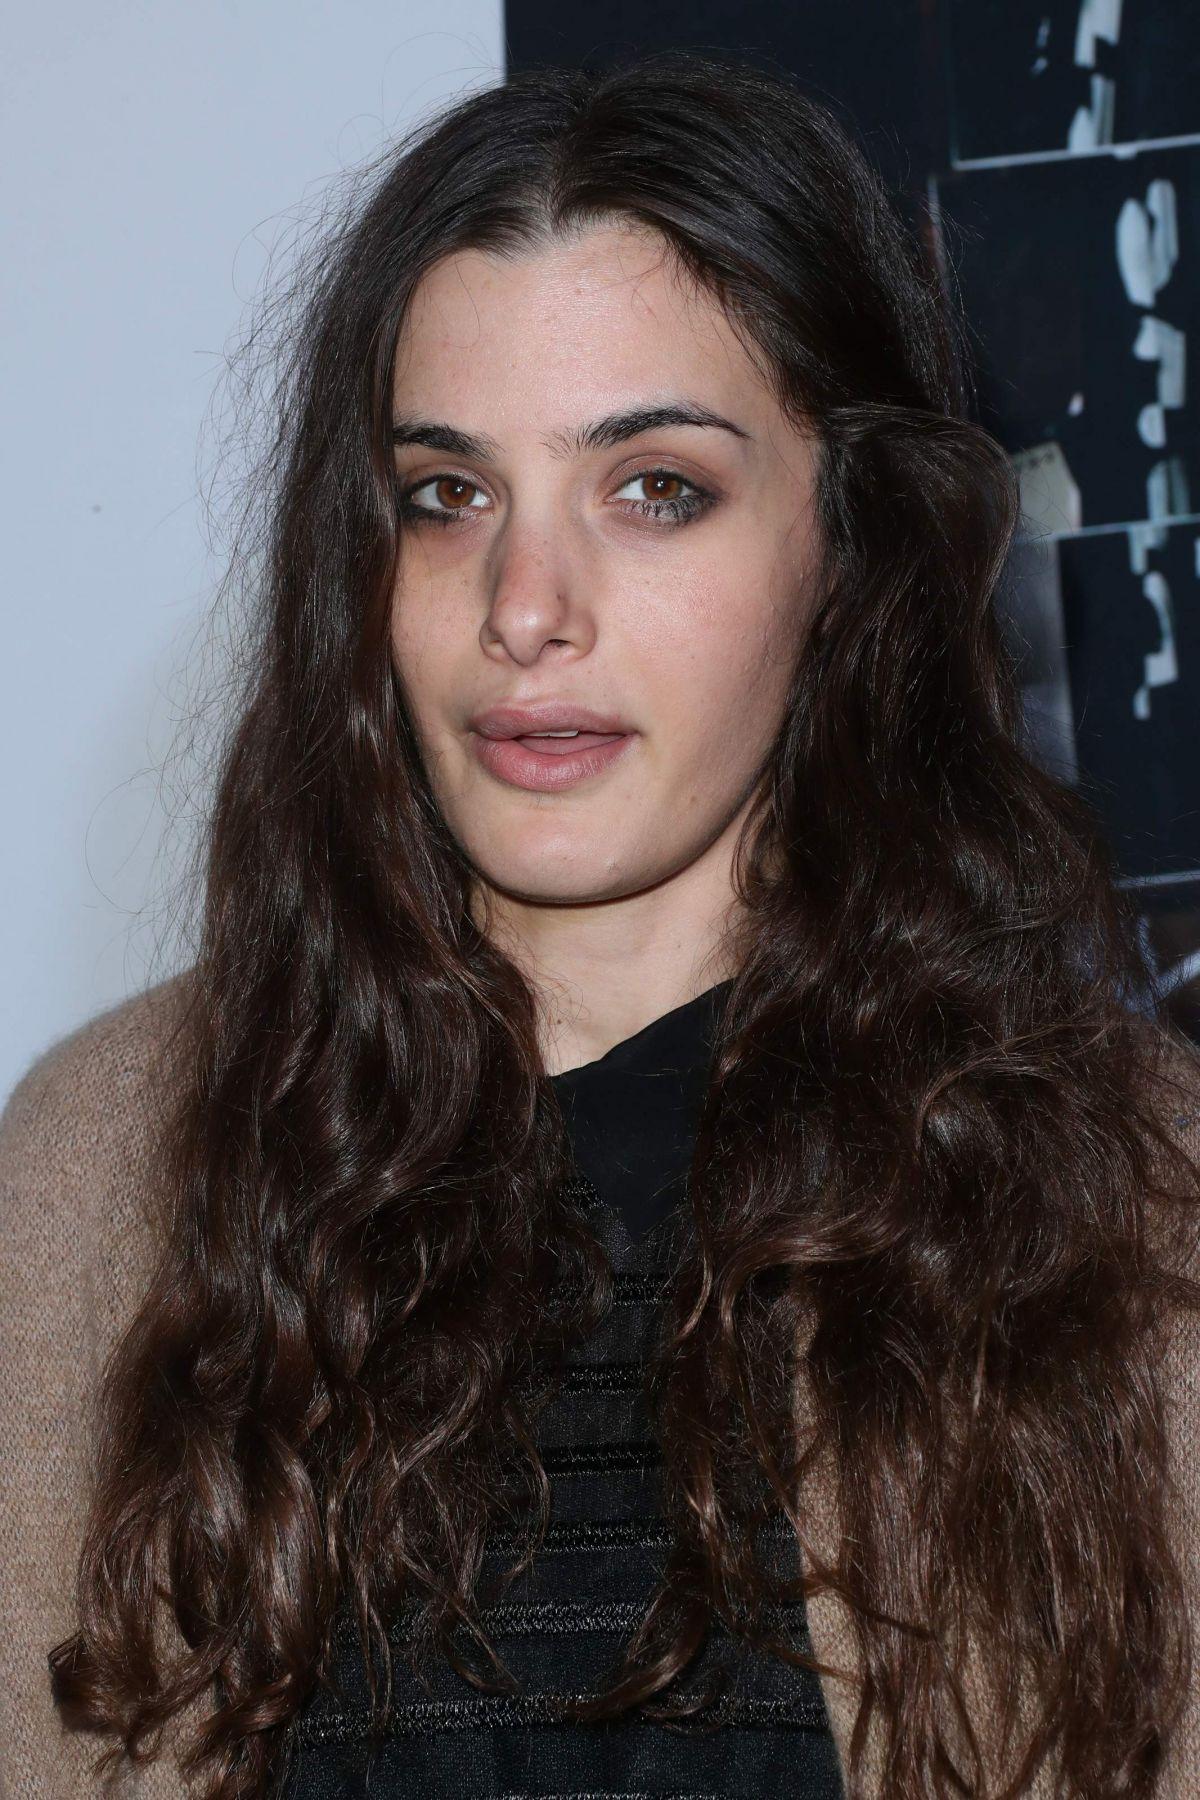 Sonja Kinski